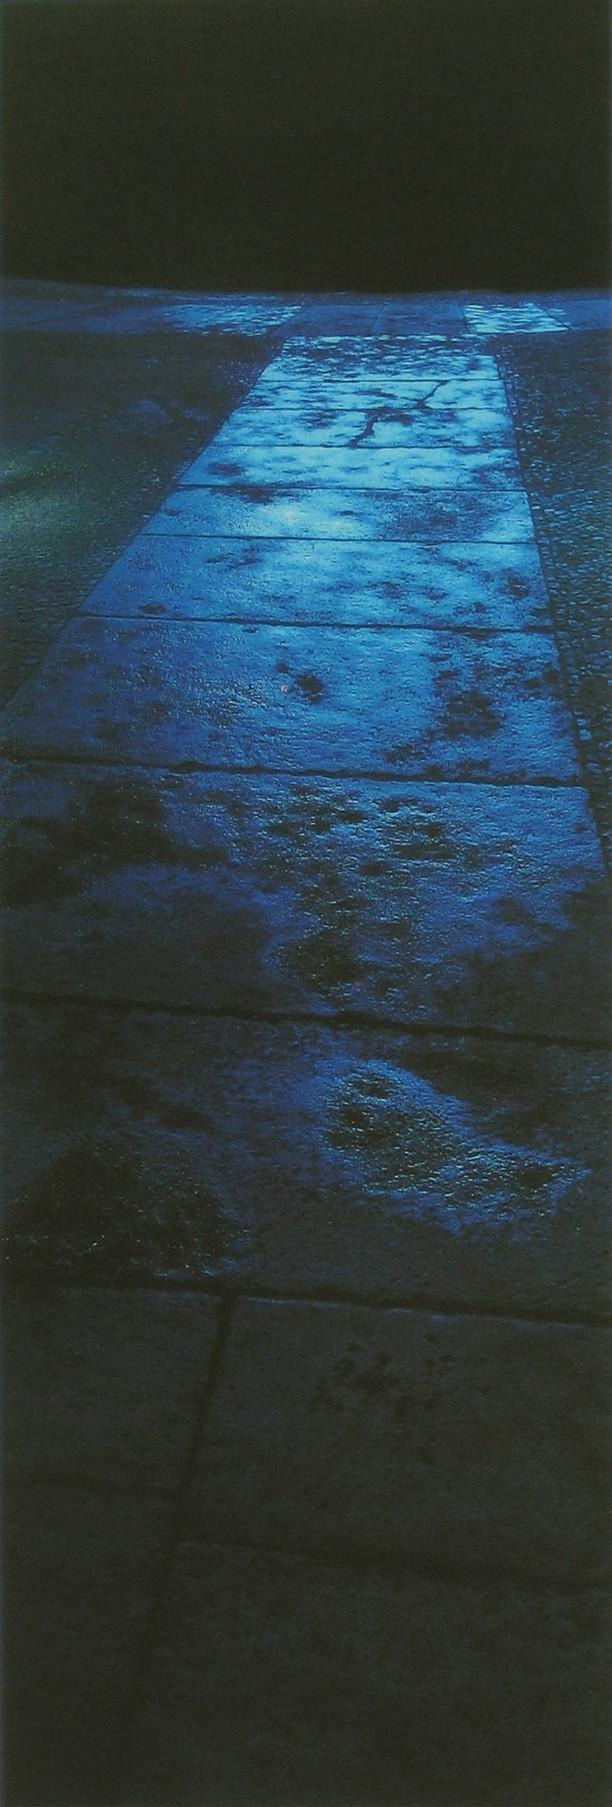 Invalidenstrasse, I, 1997